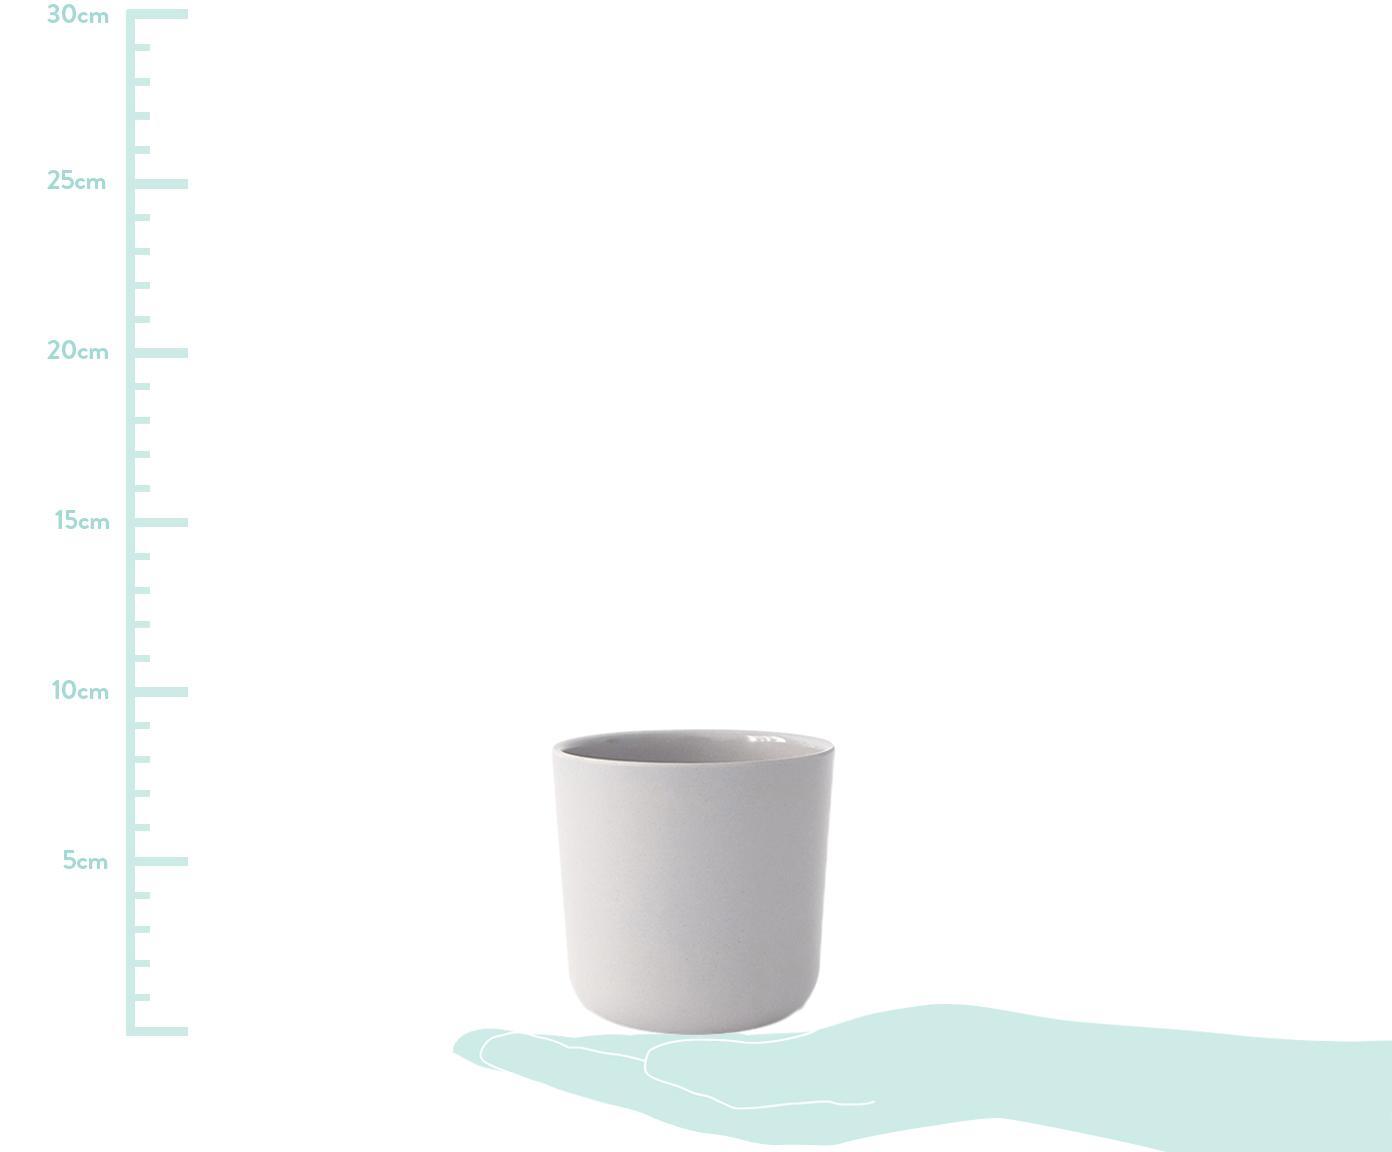 Becher-Set Bambino, 4-tlg., Bambusfasern, Melamin, lebensmittelecht BPA, PVC und Phthalate frei, Lachsfarben, Hellgrau, Grau, Terrakottarot, 250 ml